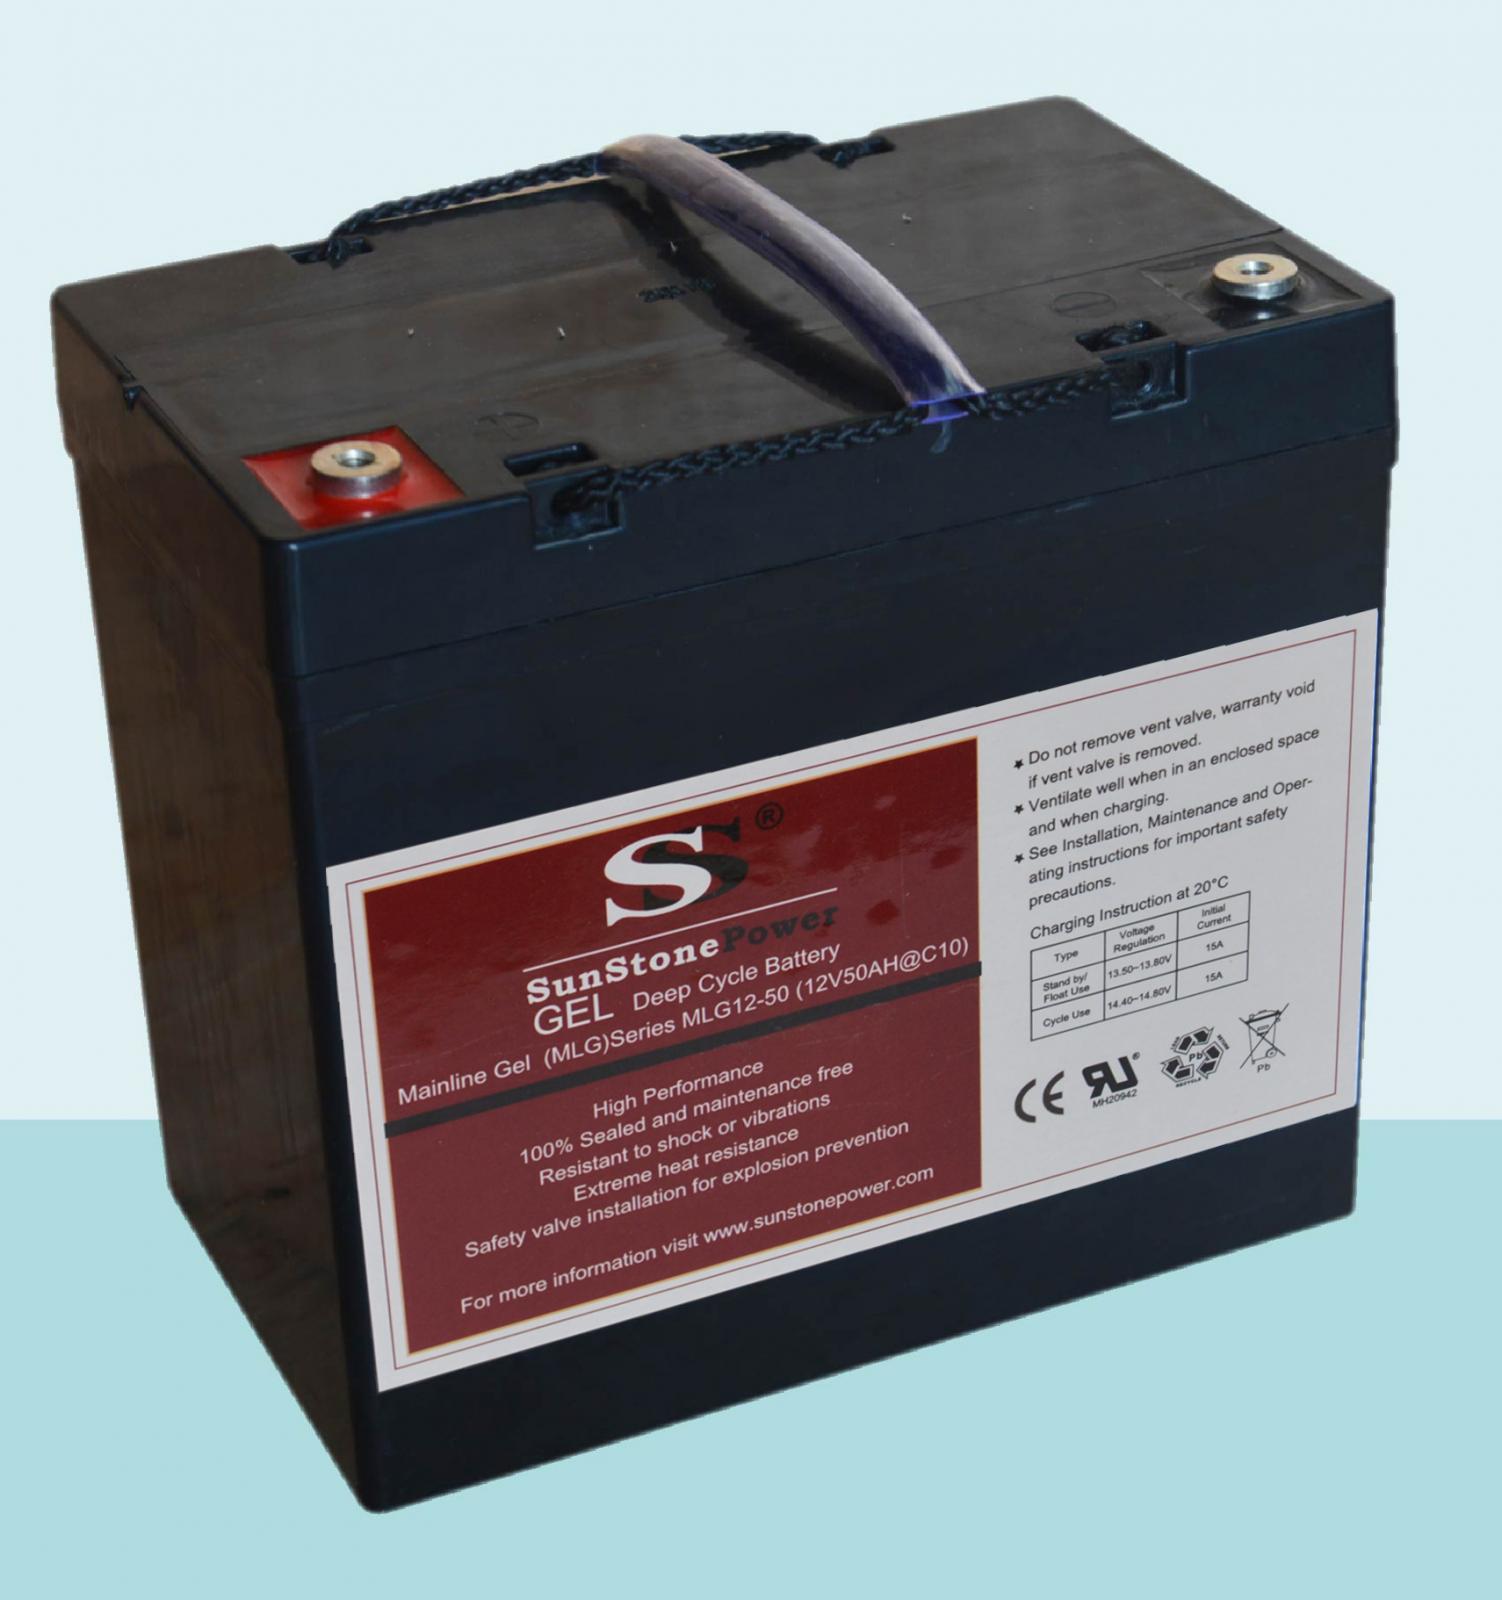 Batterie 50ah 004l Numax Car Battery 12v 50ah Car